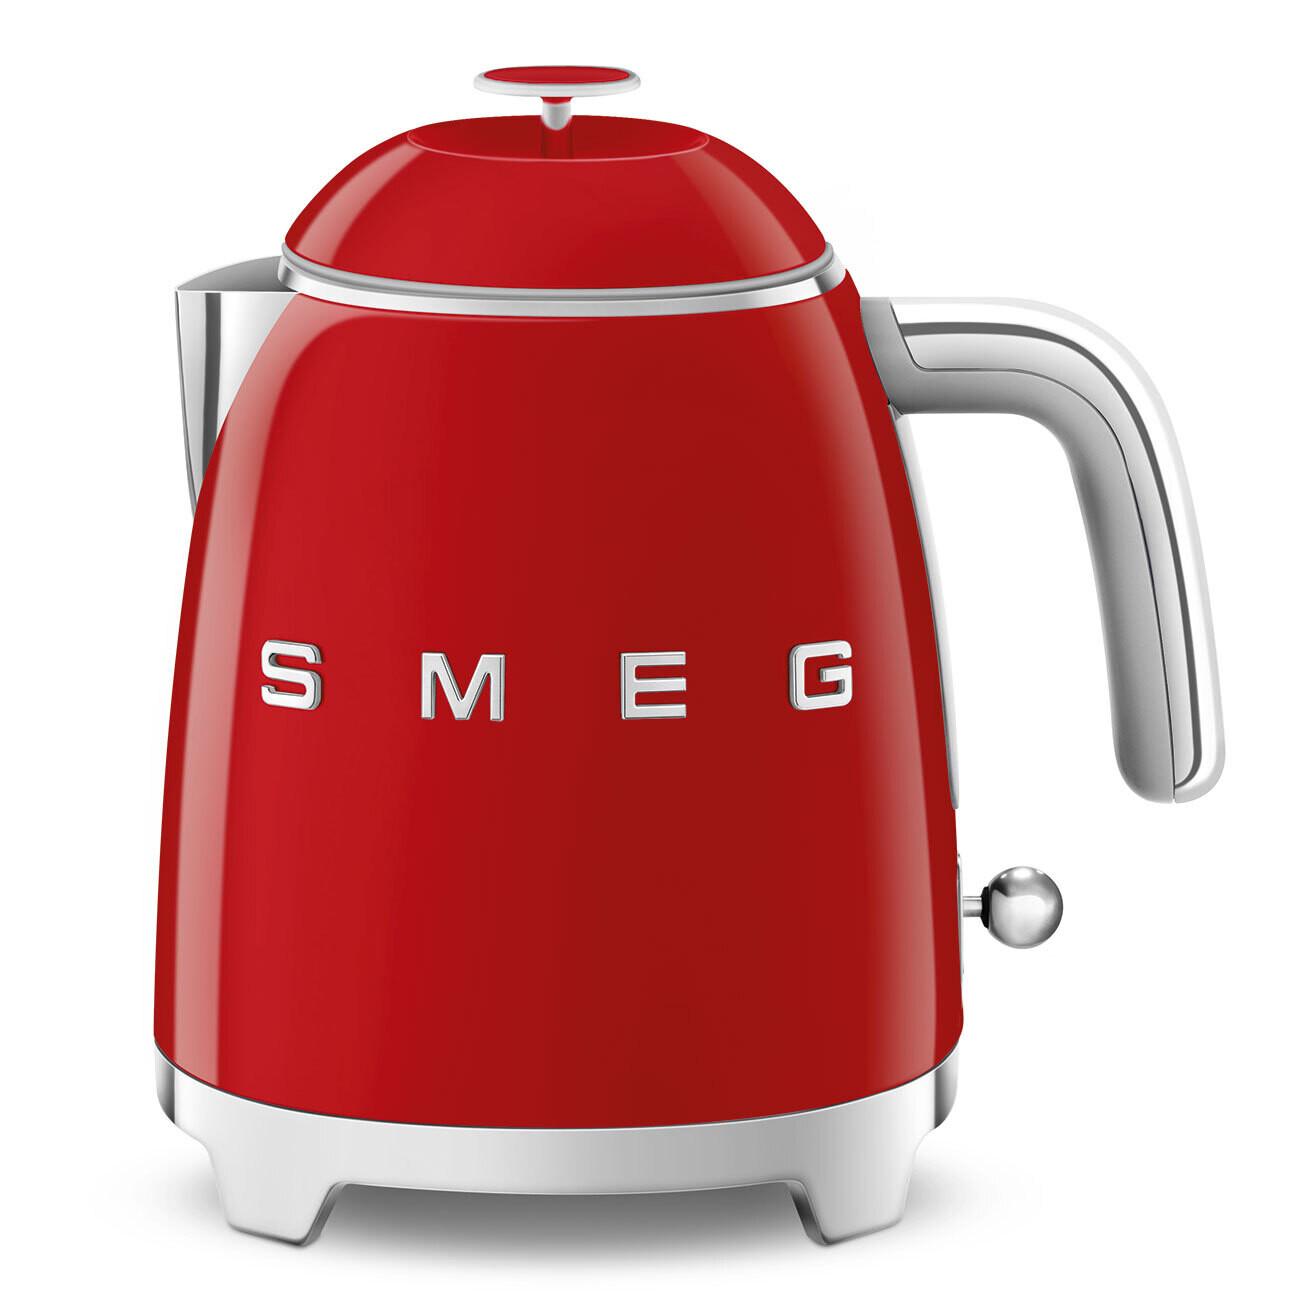 SMEG mini waterkoker rood